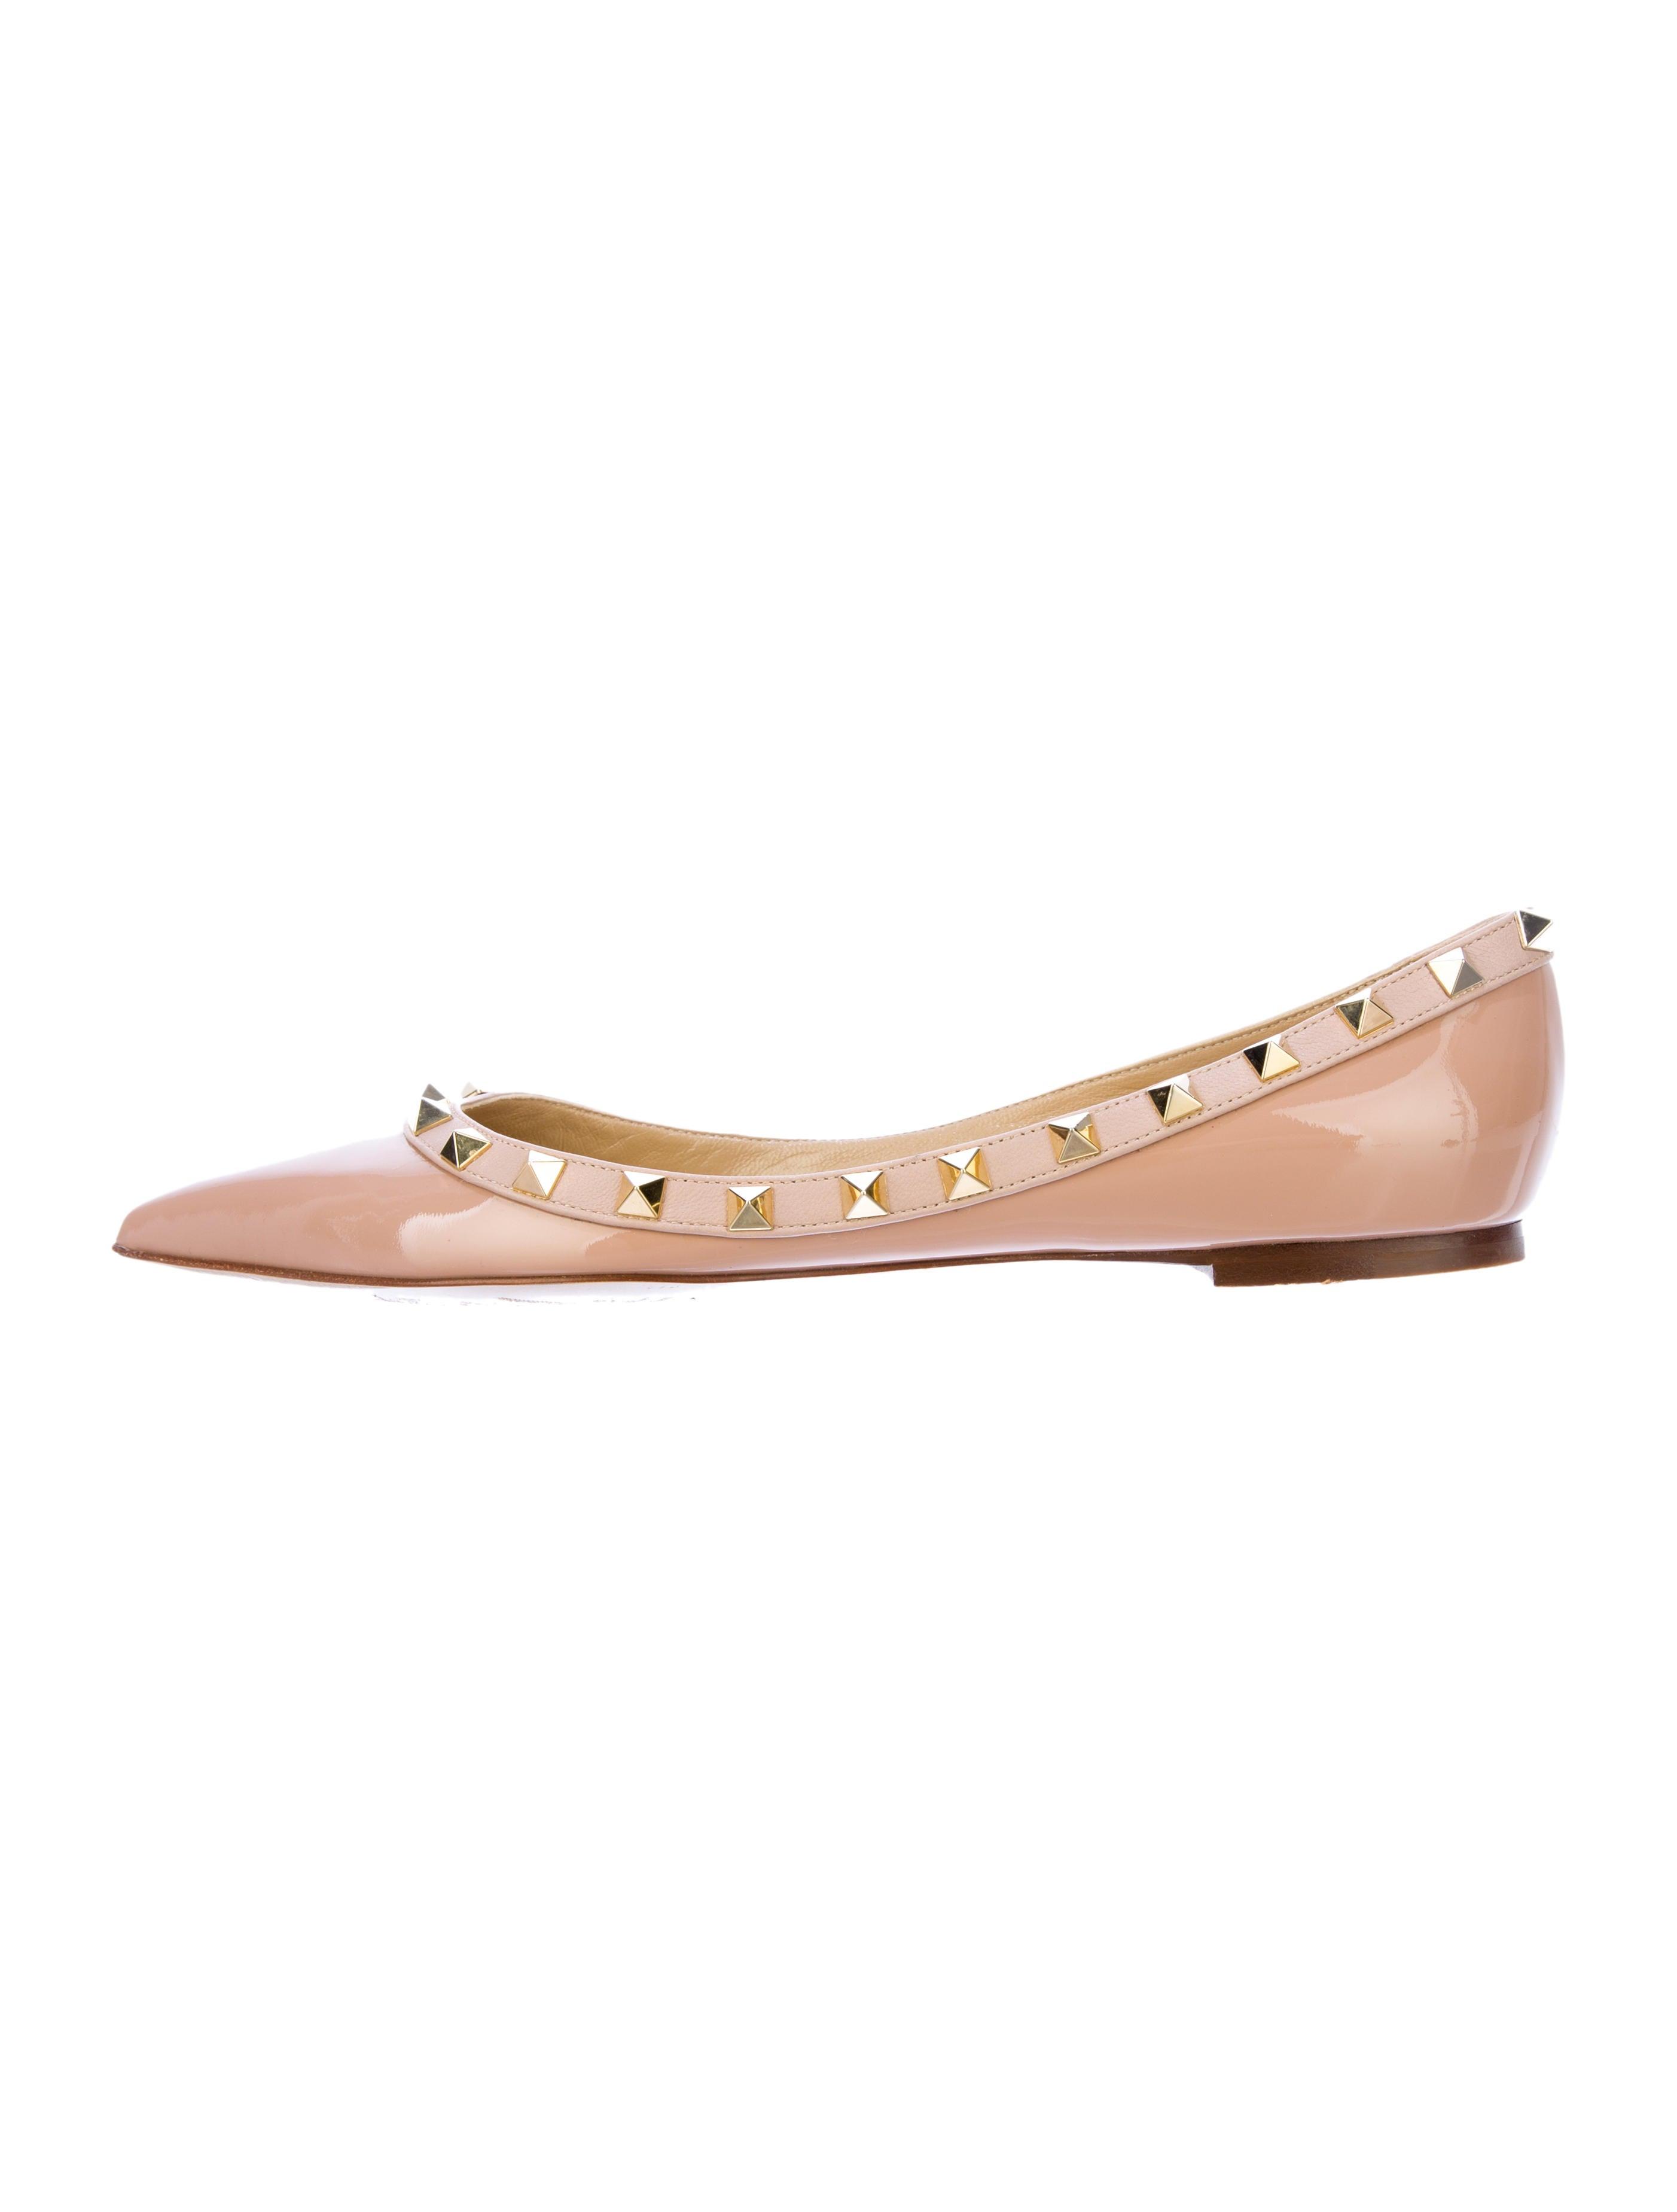 3d05b68e6a86 Valentino Rockstud Flats - Shoes - VAL25440